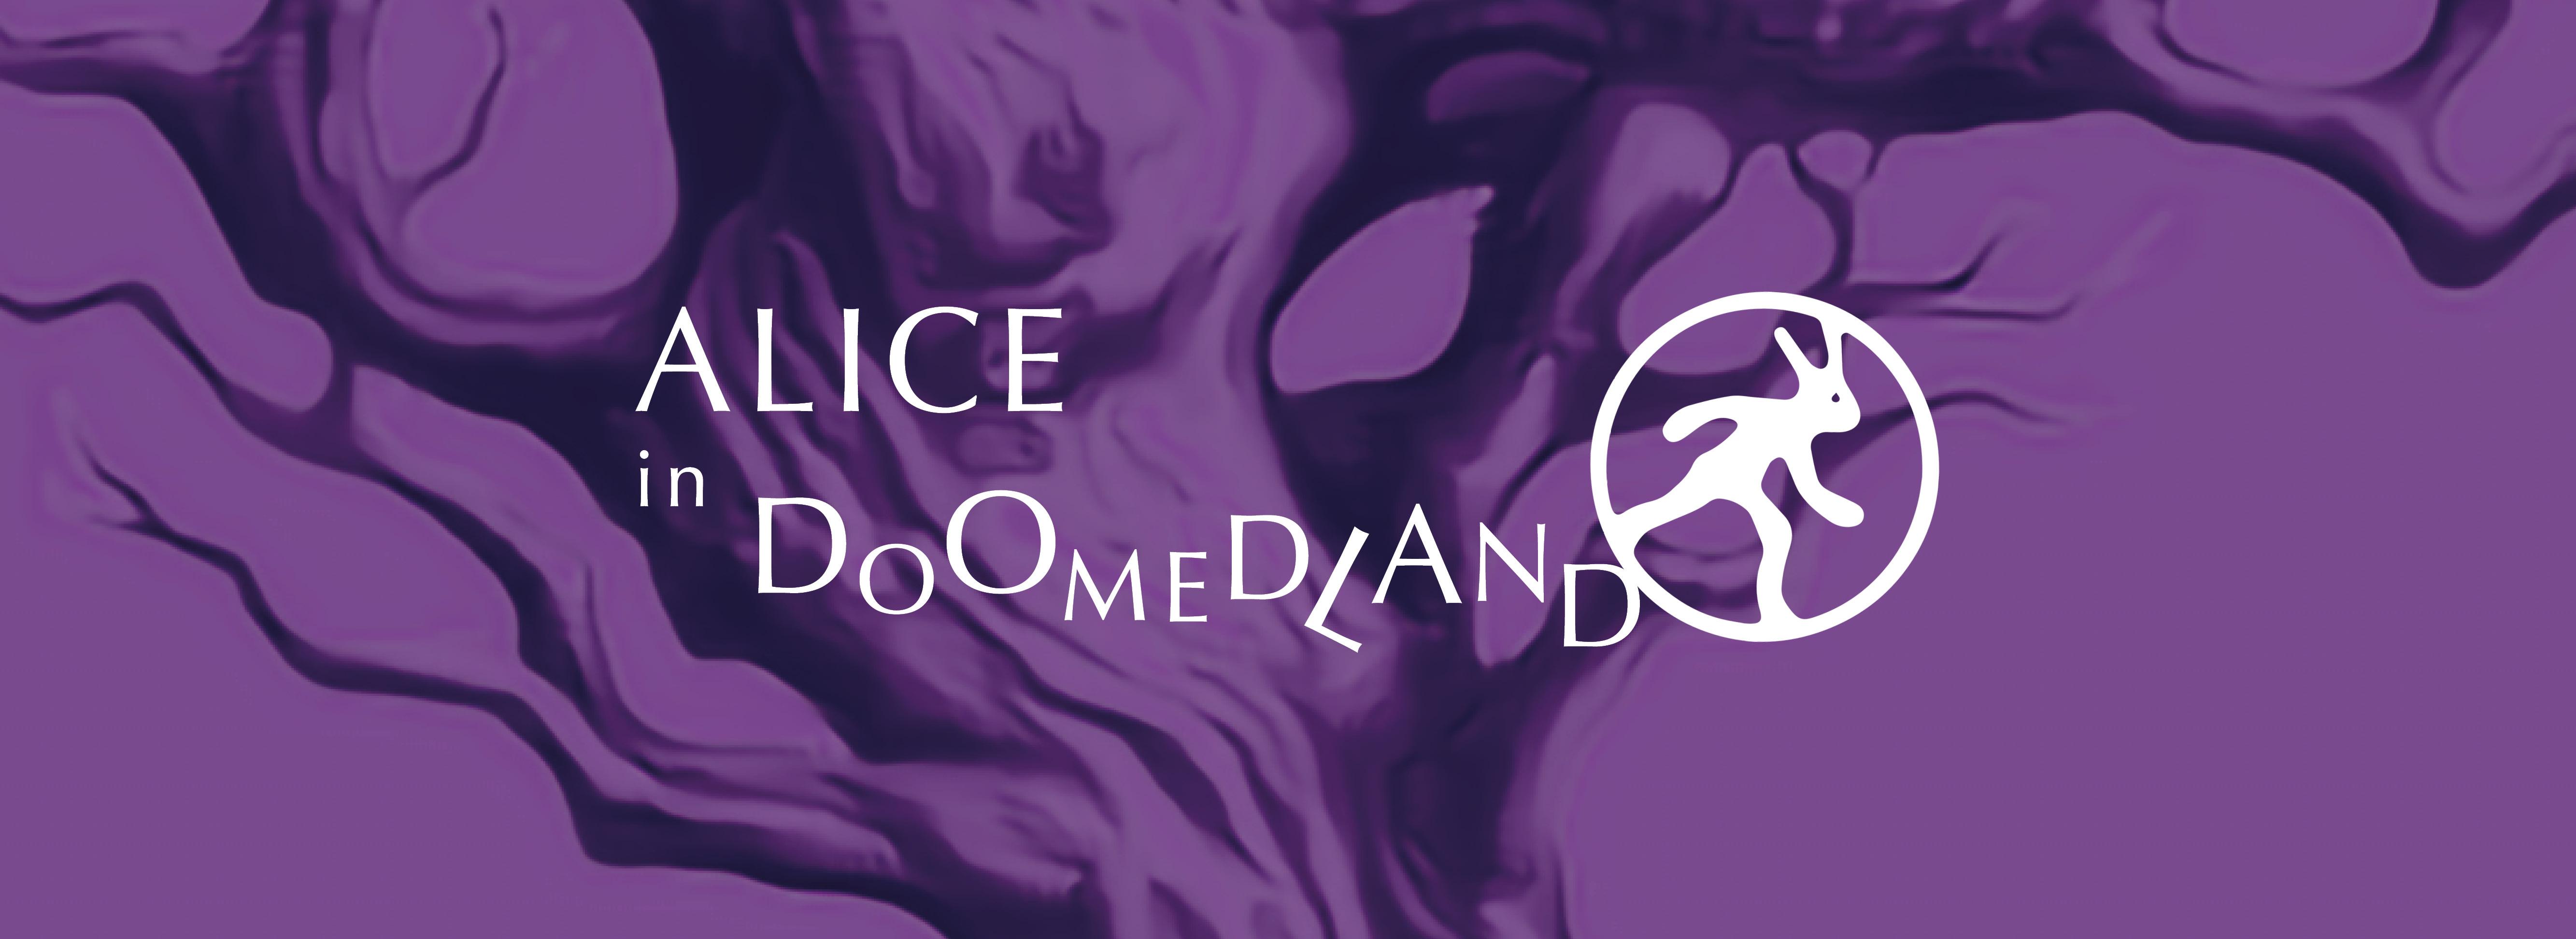 Alice in Doomedland